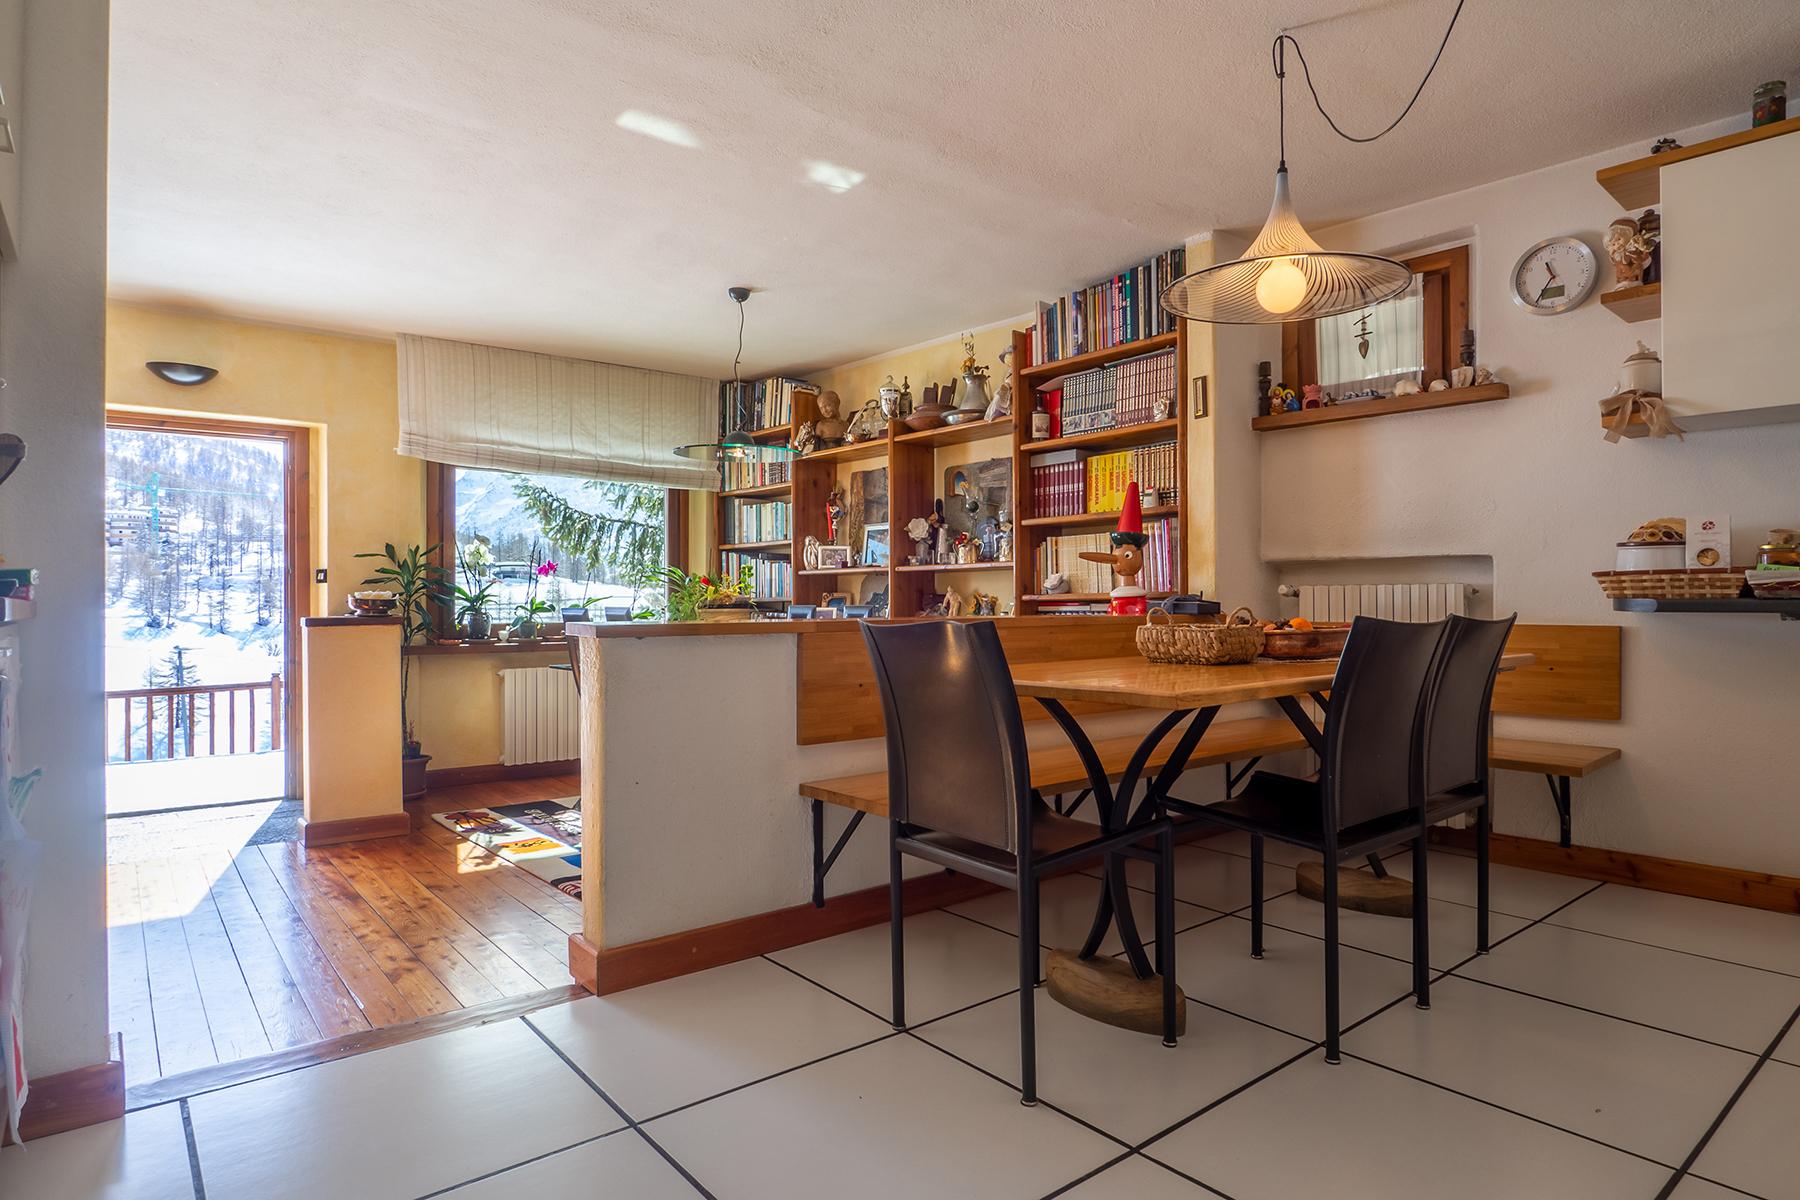 Casa indipendente in Vendita a Sestriere: 5 locali, 240 mq - Foto 7